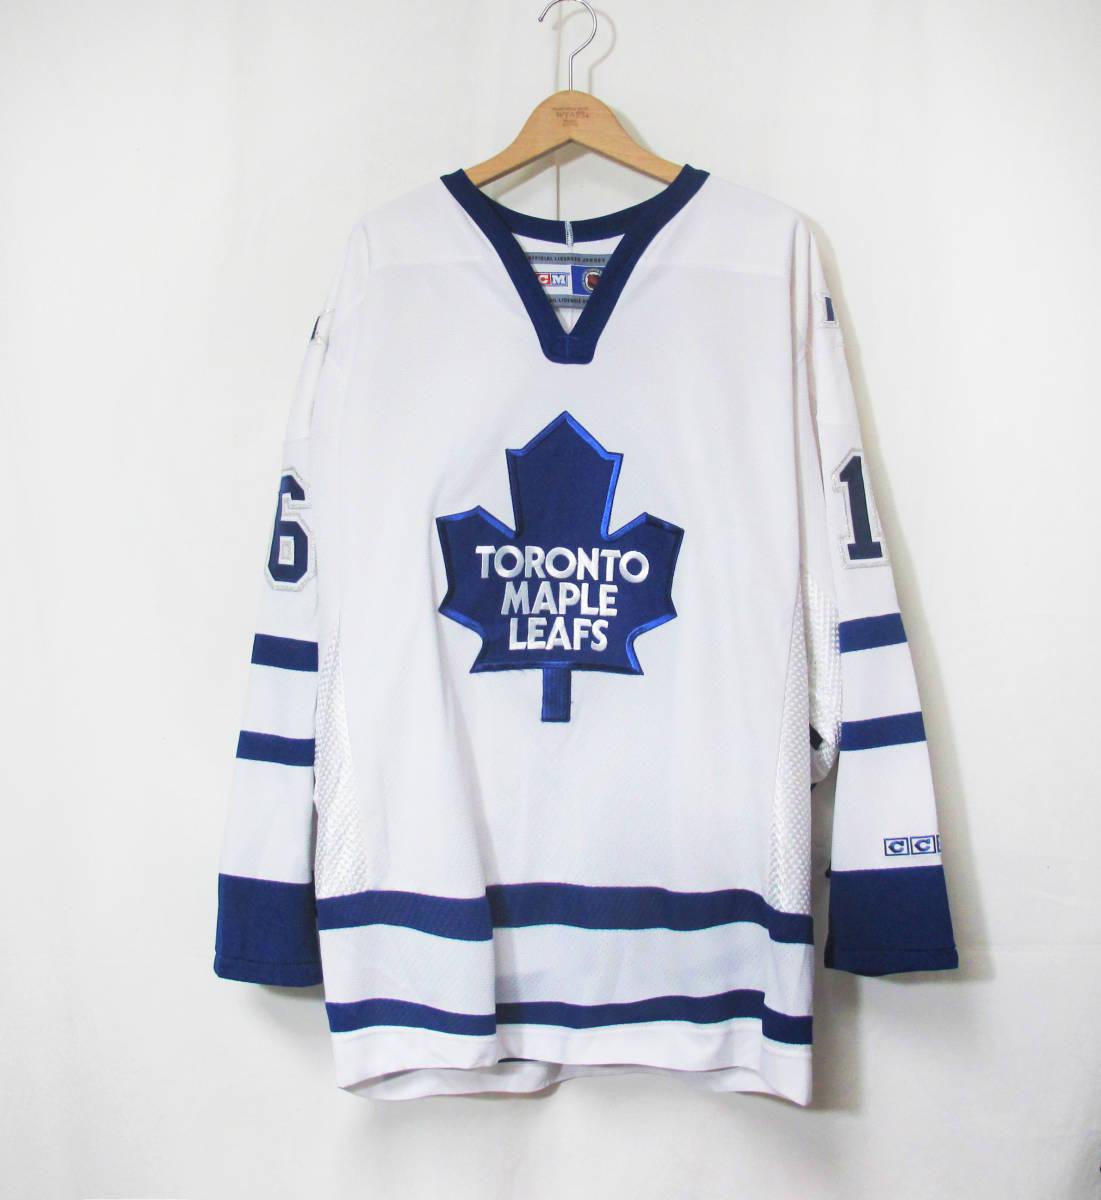 新品 NHL TORONTO MAPLE LEAF『DARCY TUCKER #16』 ジャージ カナダ製 STANLEY CUP アイスホッケー HIP HOP